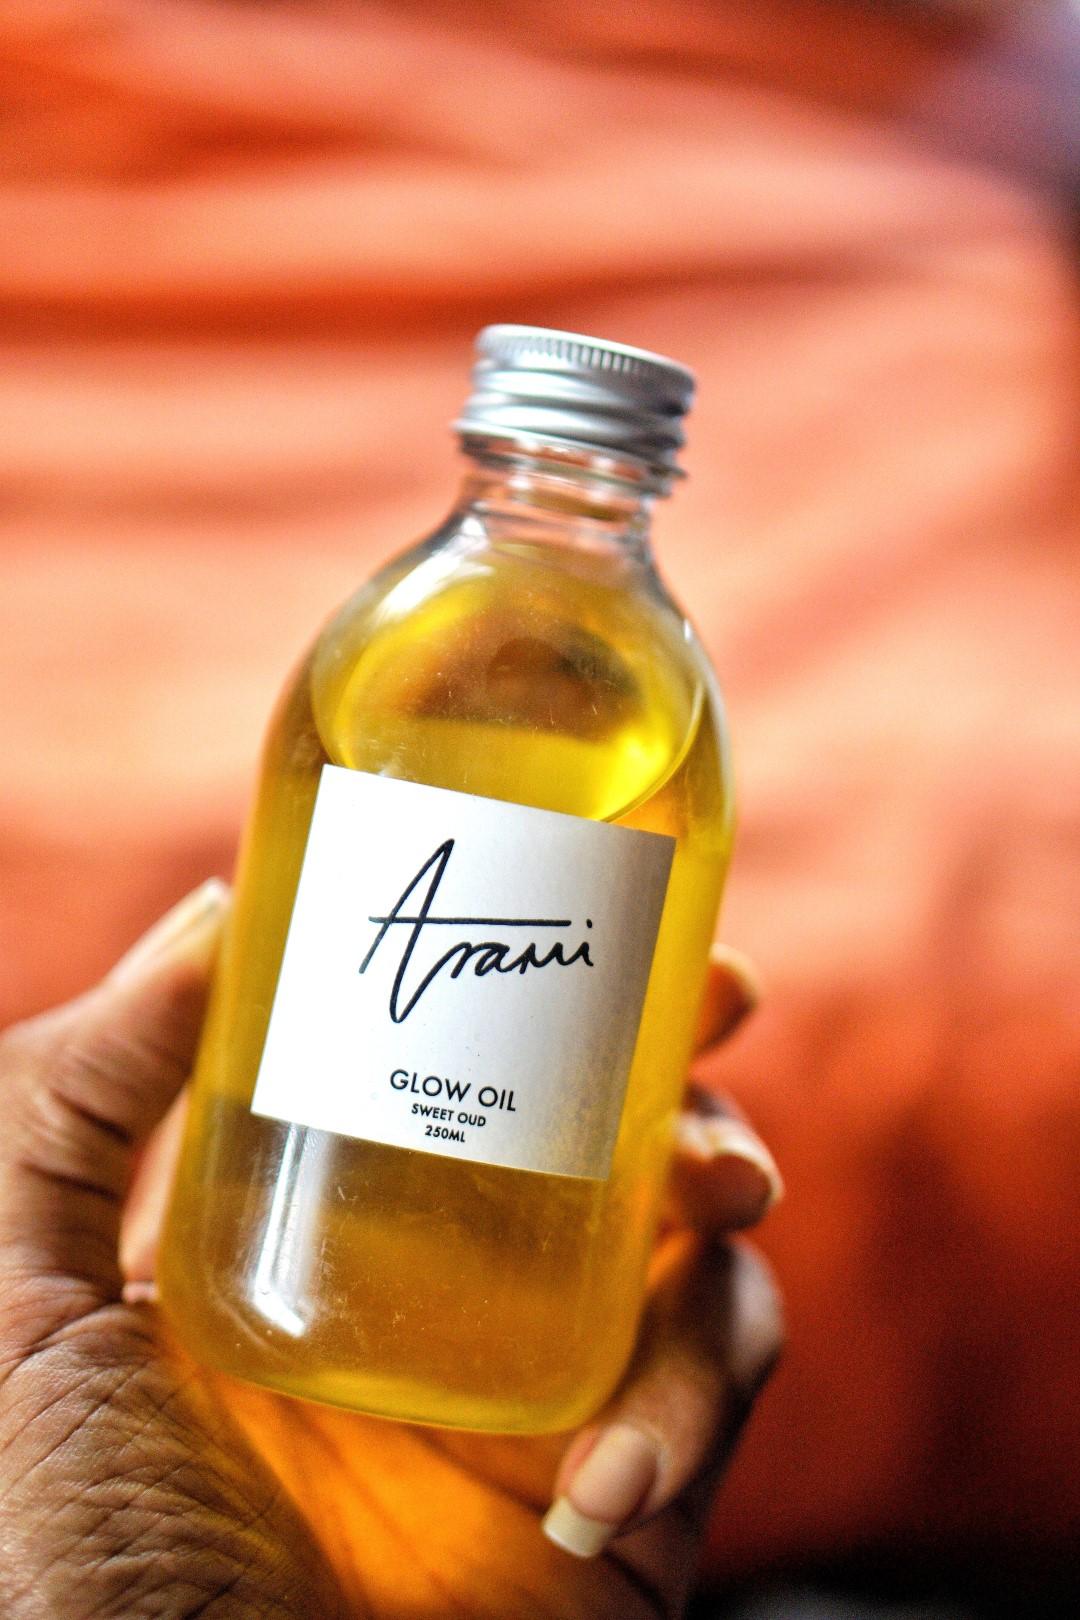 Arami glow oil